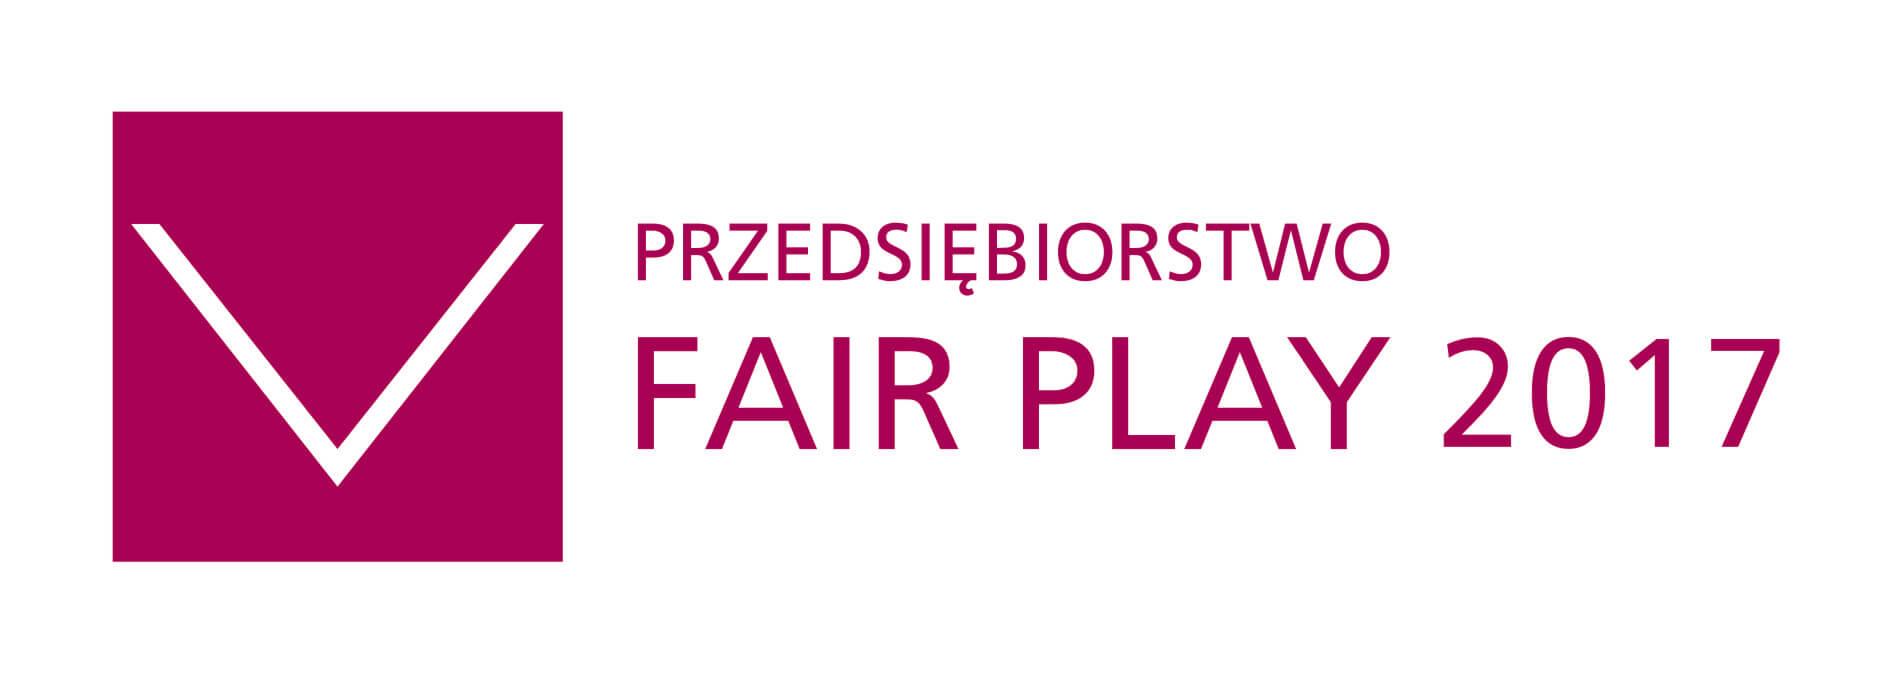 Certyfikat Przedsiębiorstwo Fair Play logo